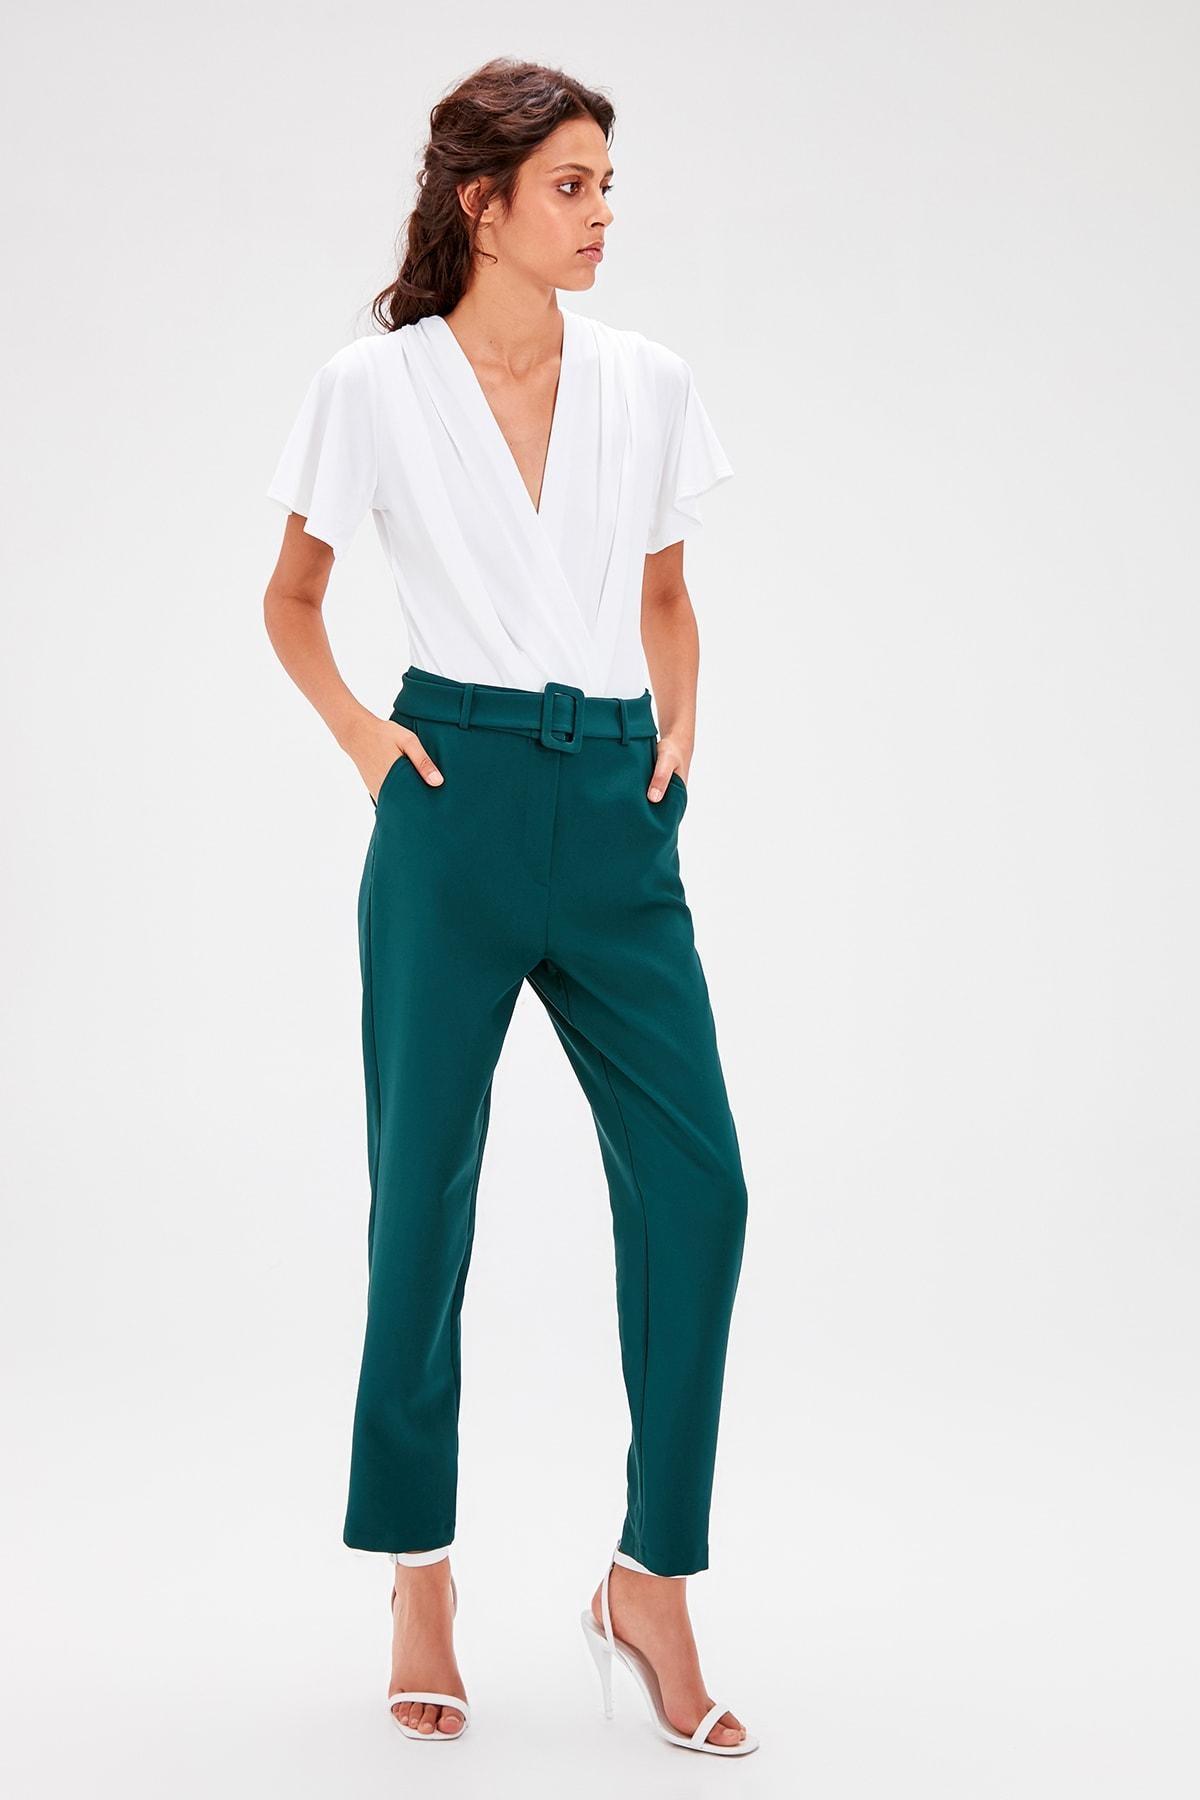 Trendyol Emerald Green Belt Detail Pants TWOAW20PL0112